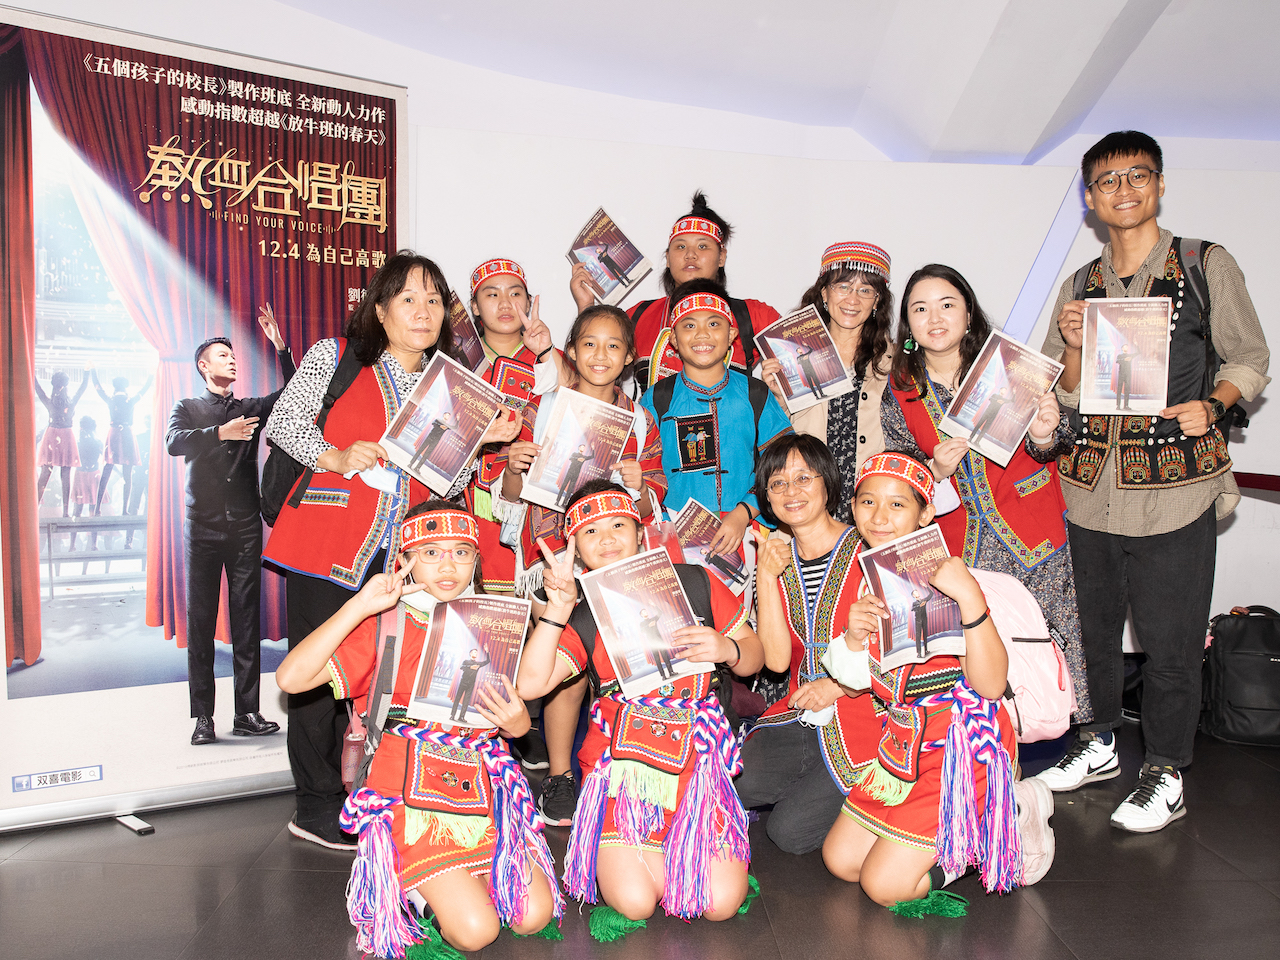 丹鳳國小合唱團小朋友著裝出席《熱血合唱團》首映會 (双喜電影提供)